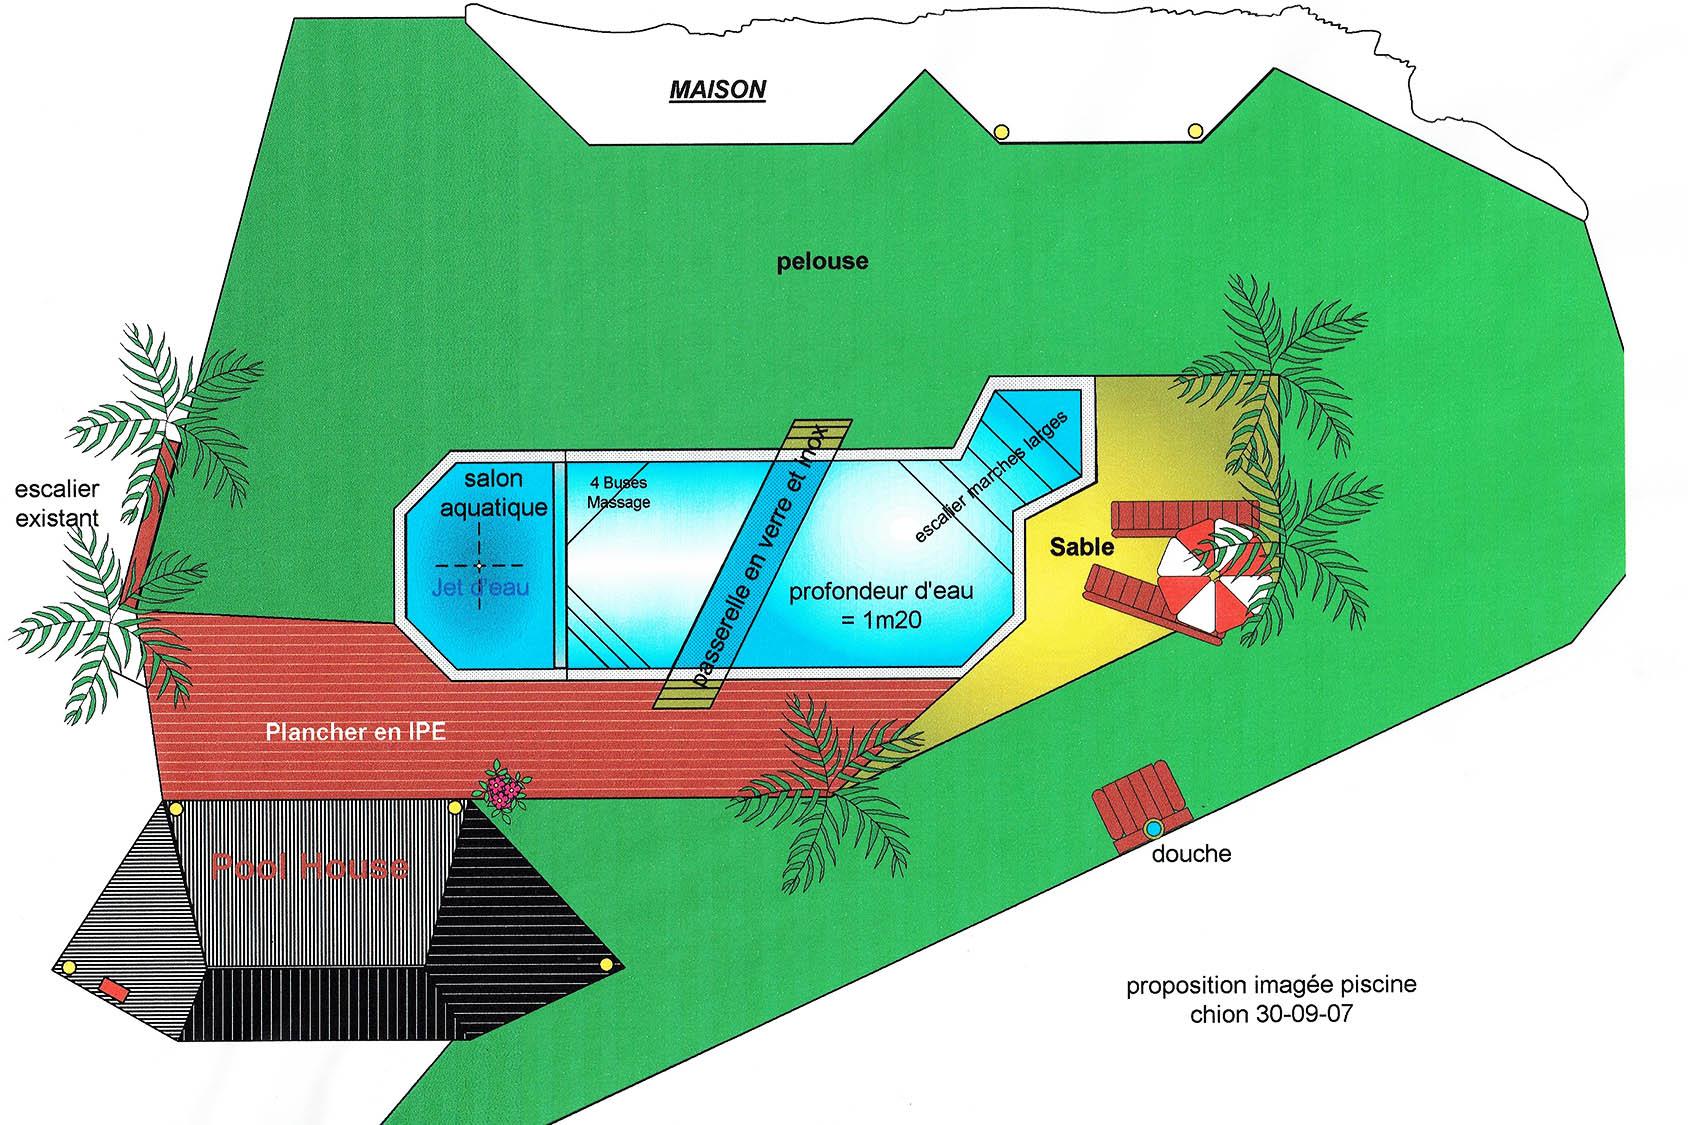 plan-piscine-2d